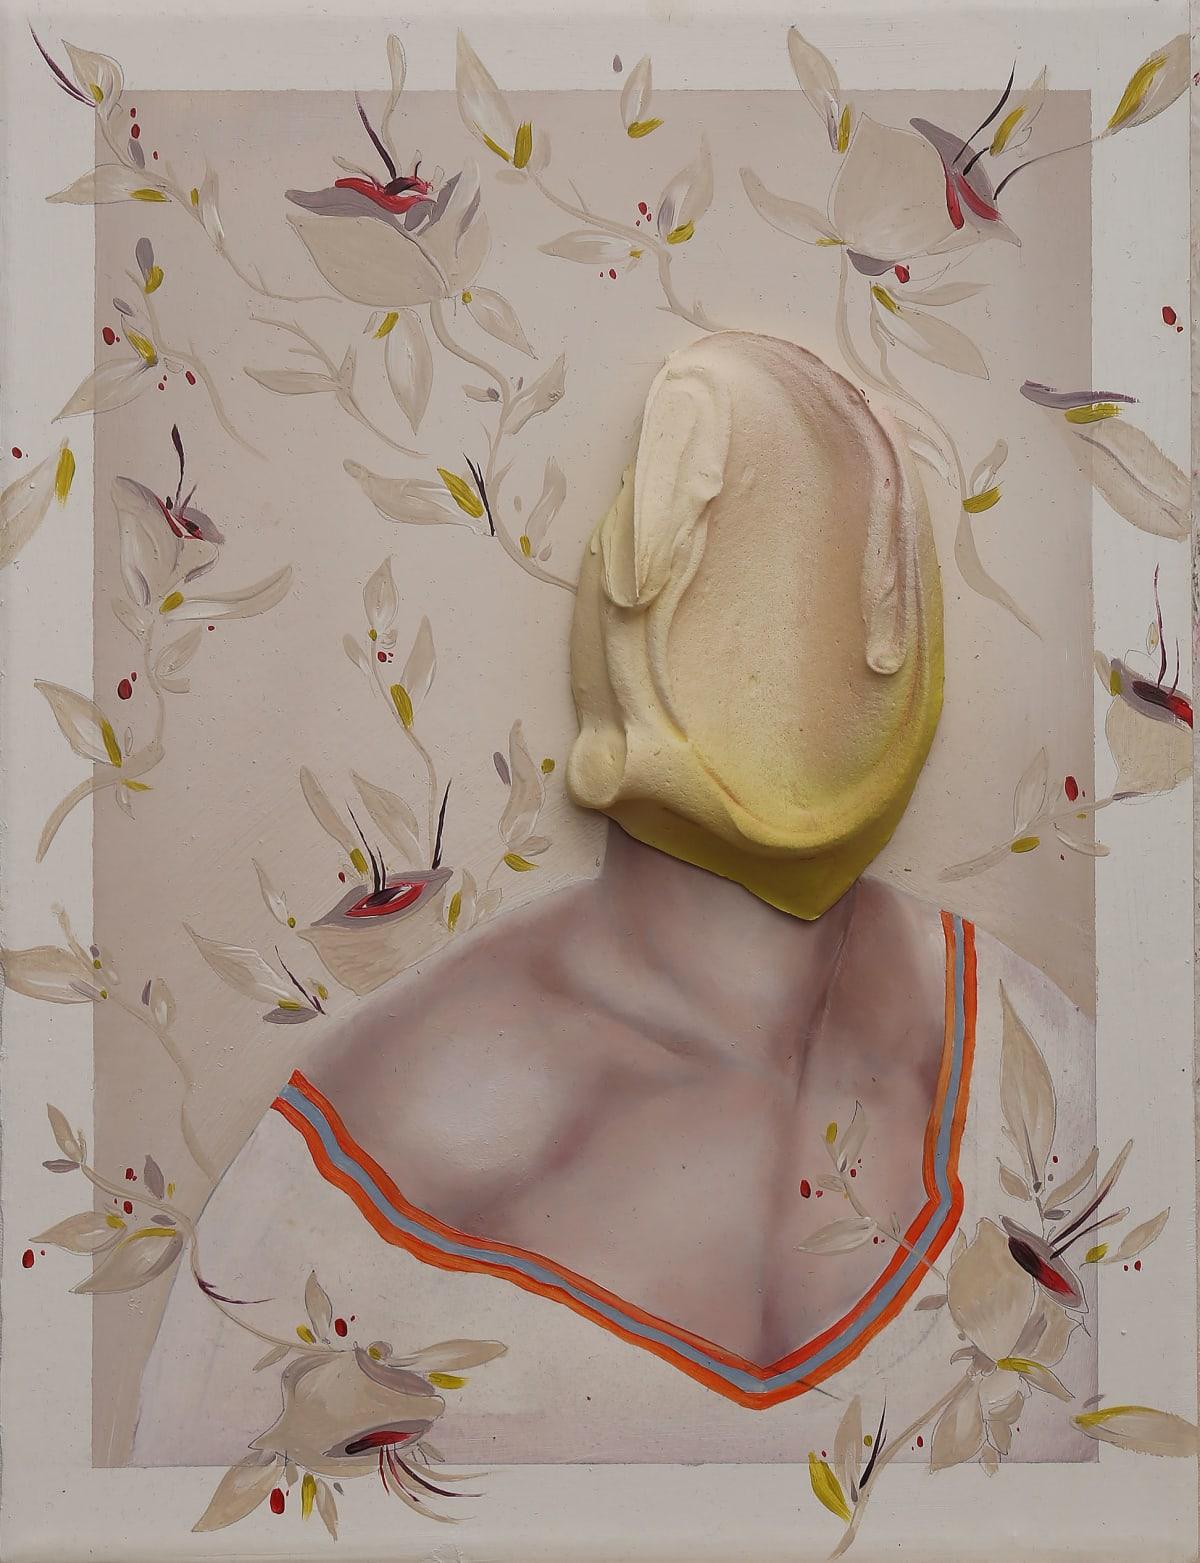 Fabio La Fauci Untitled 2, 2019 Oil, Acrylic Paste on Canvas 30 x 40 cm 11 3/4 x 15 3/4 in